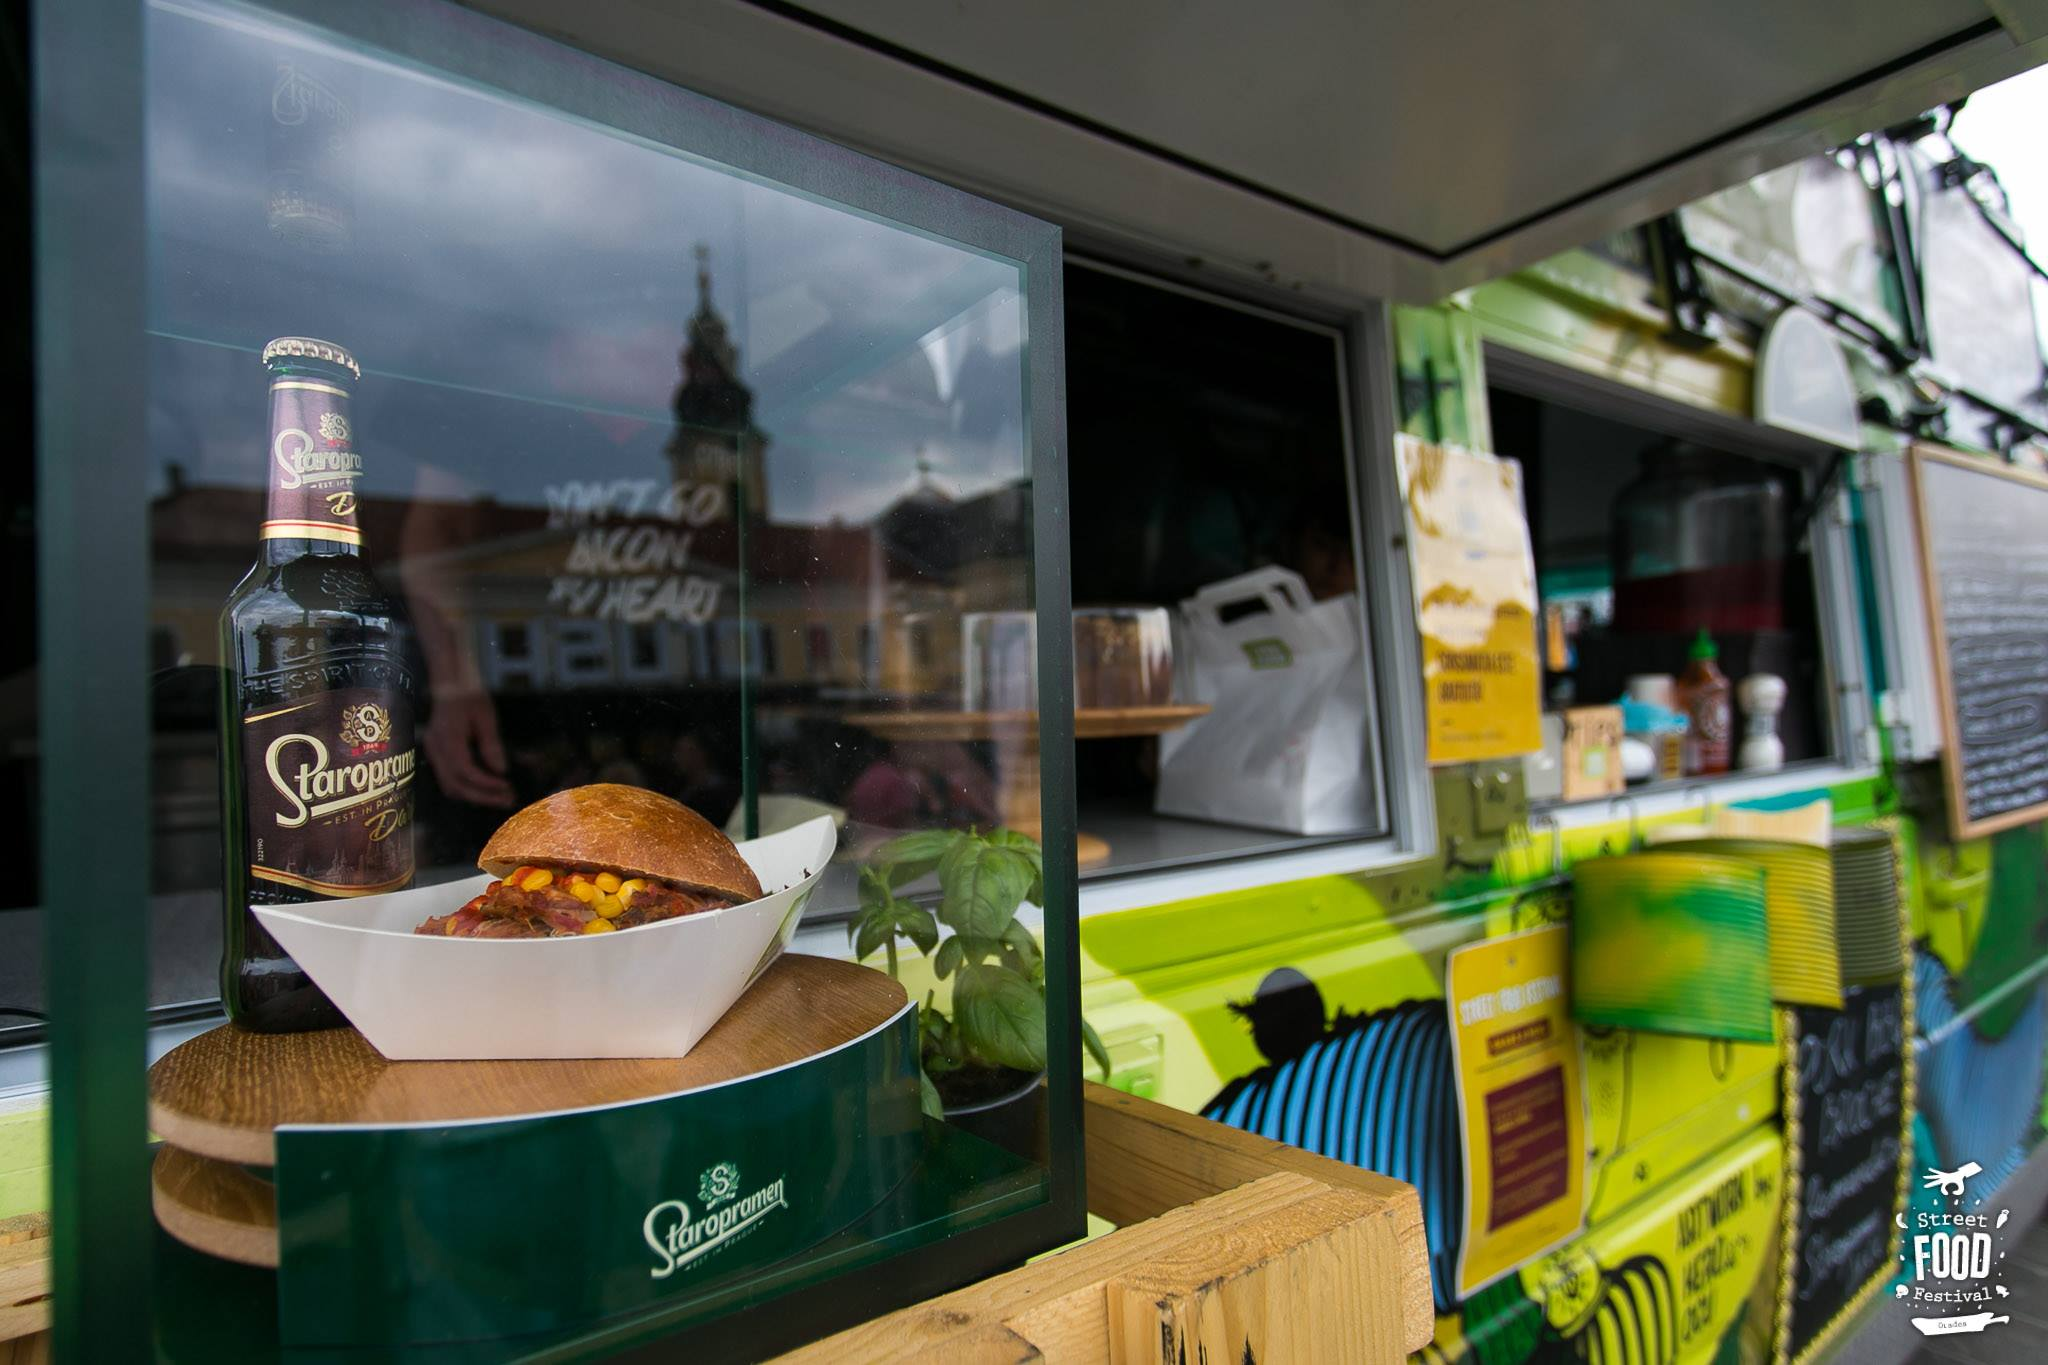 Staropramen_Street Food (3)